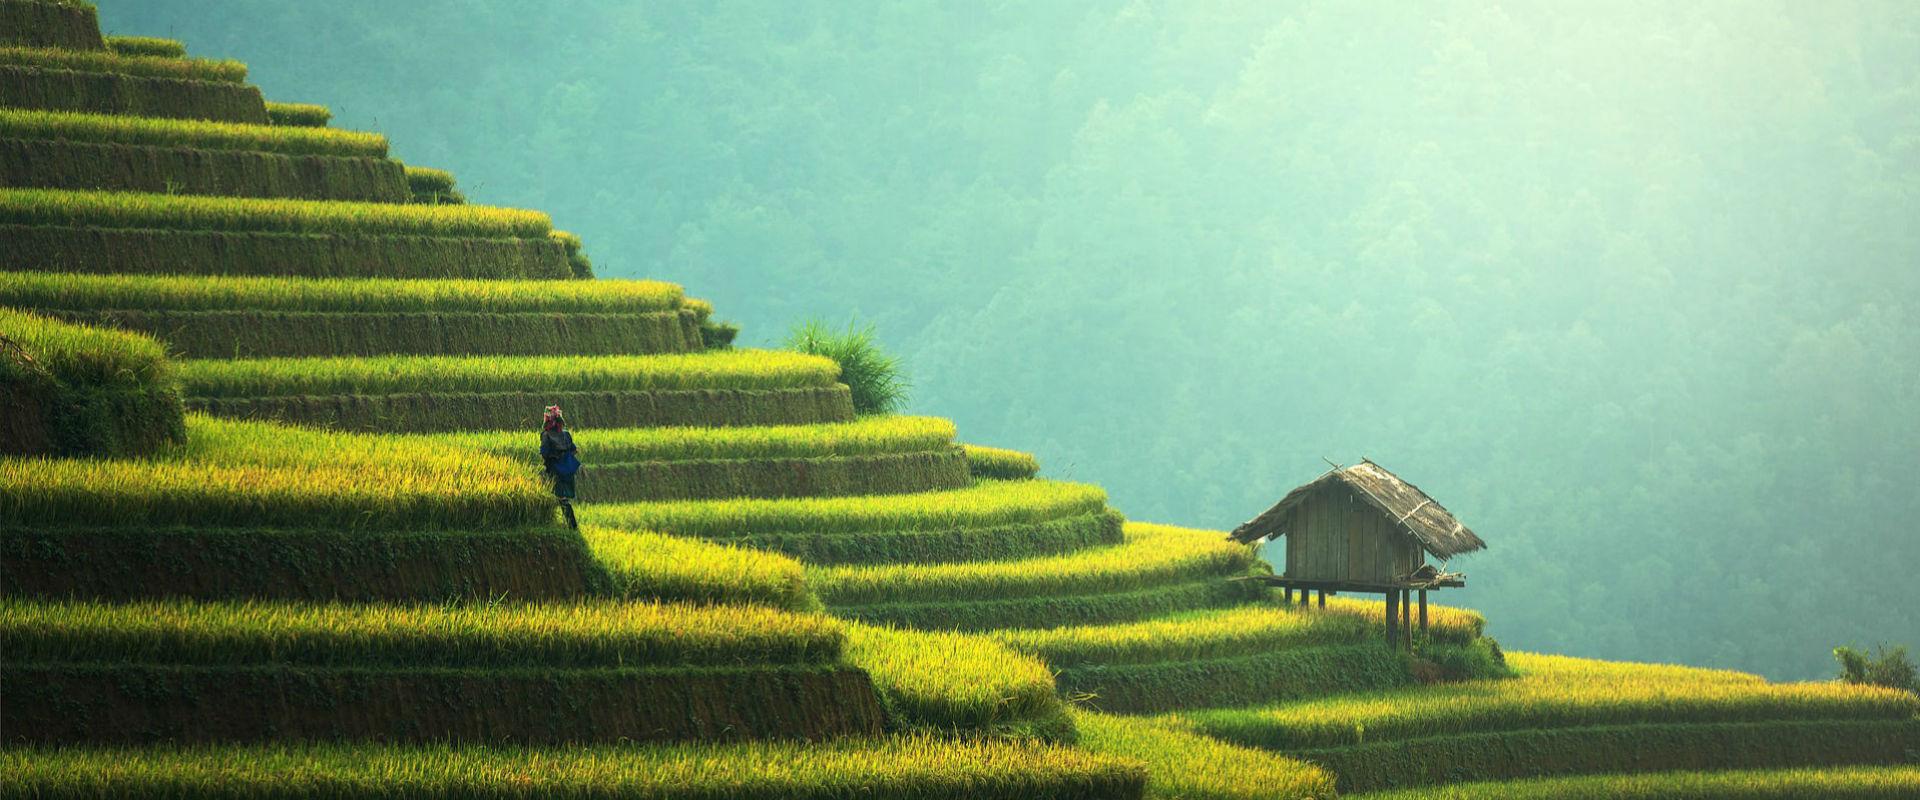 slider-agriculture1